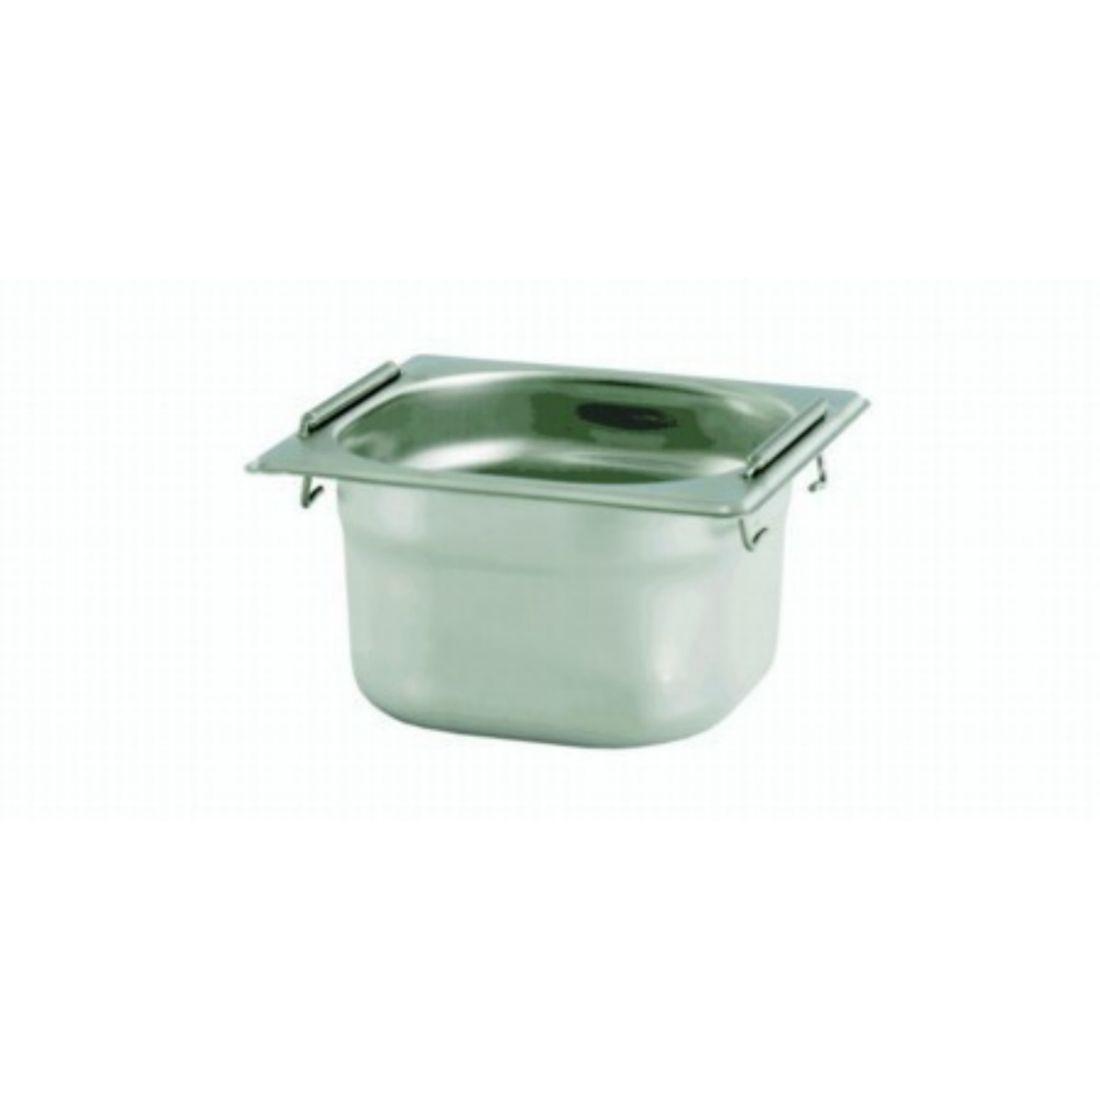 Gastronádoba Profi se sklápěcími úchyty GN 1/6 200 mm